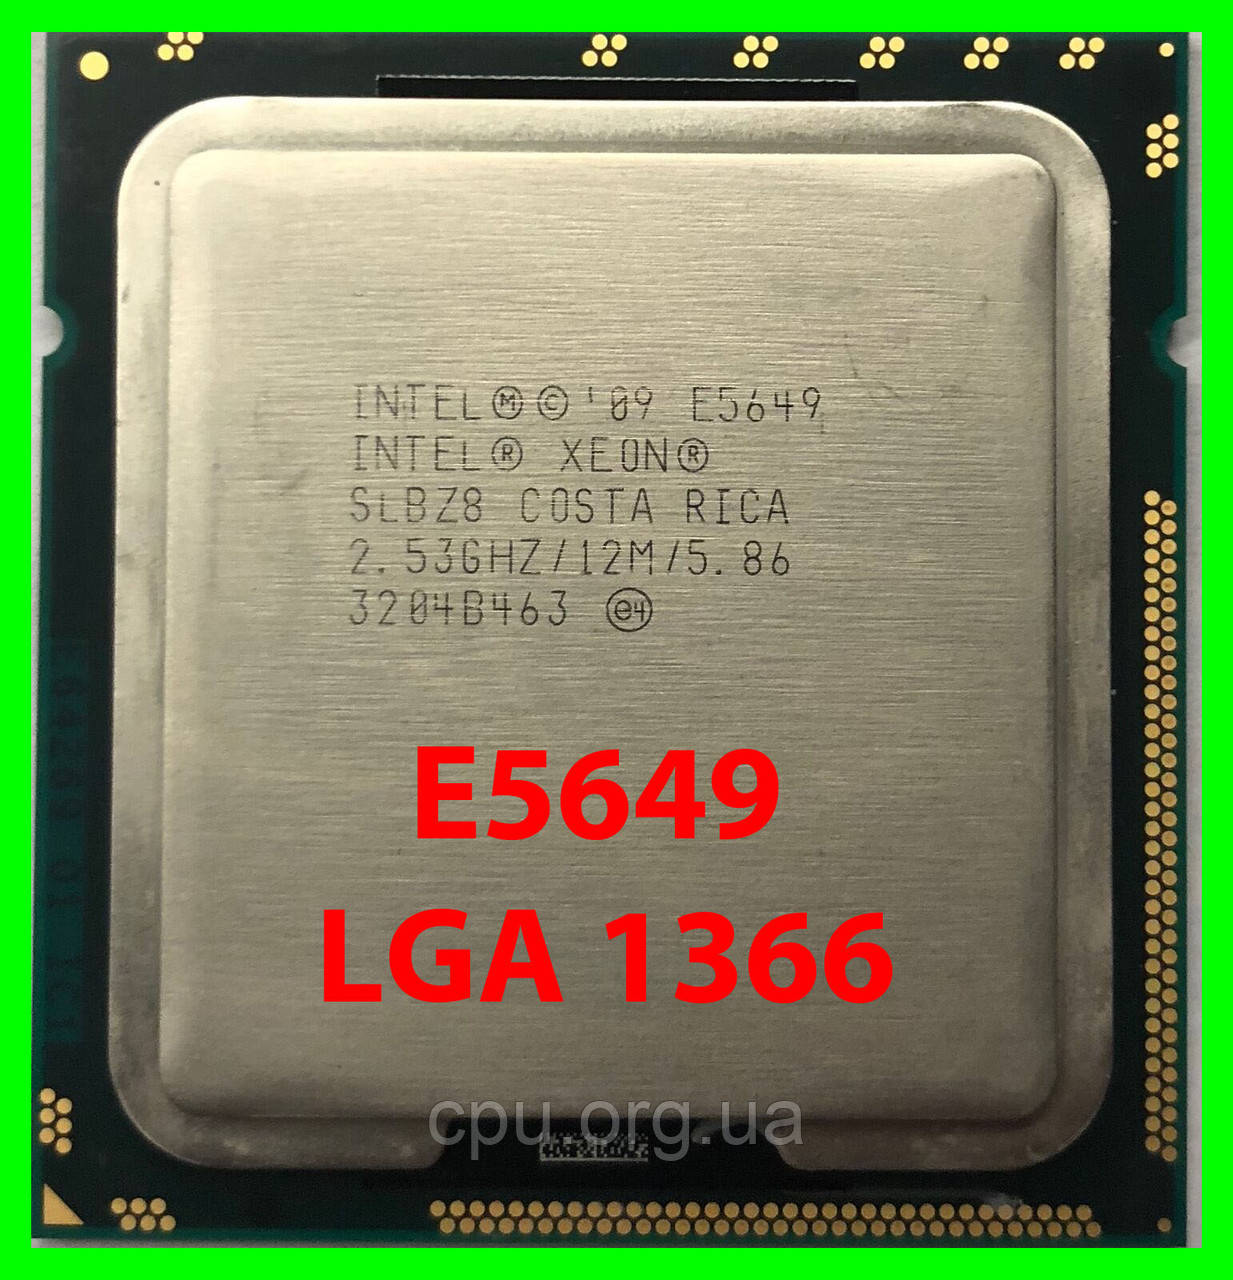 Процессор Intel Xeon E5649 (SLBZ8) 6/12 2,53-2,93 Ghz / 12M / 5.86GT/s LGA 1366